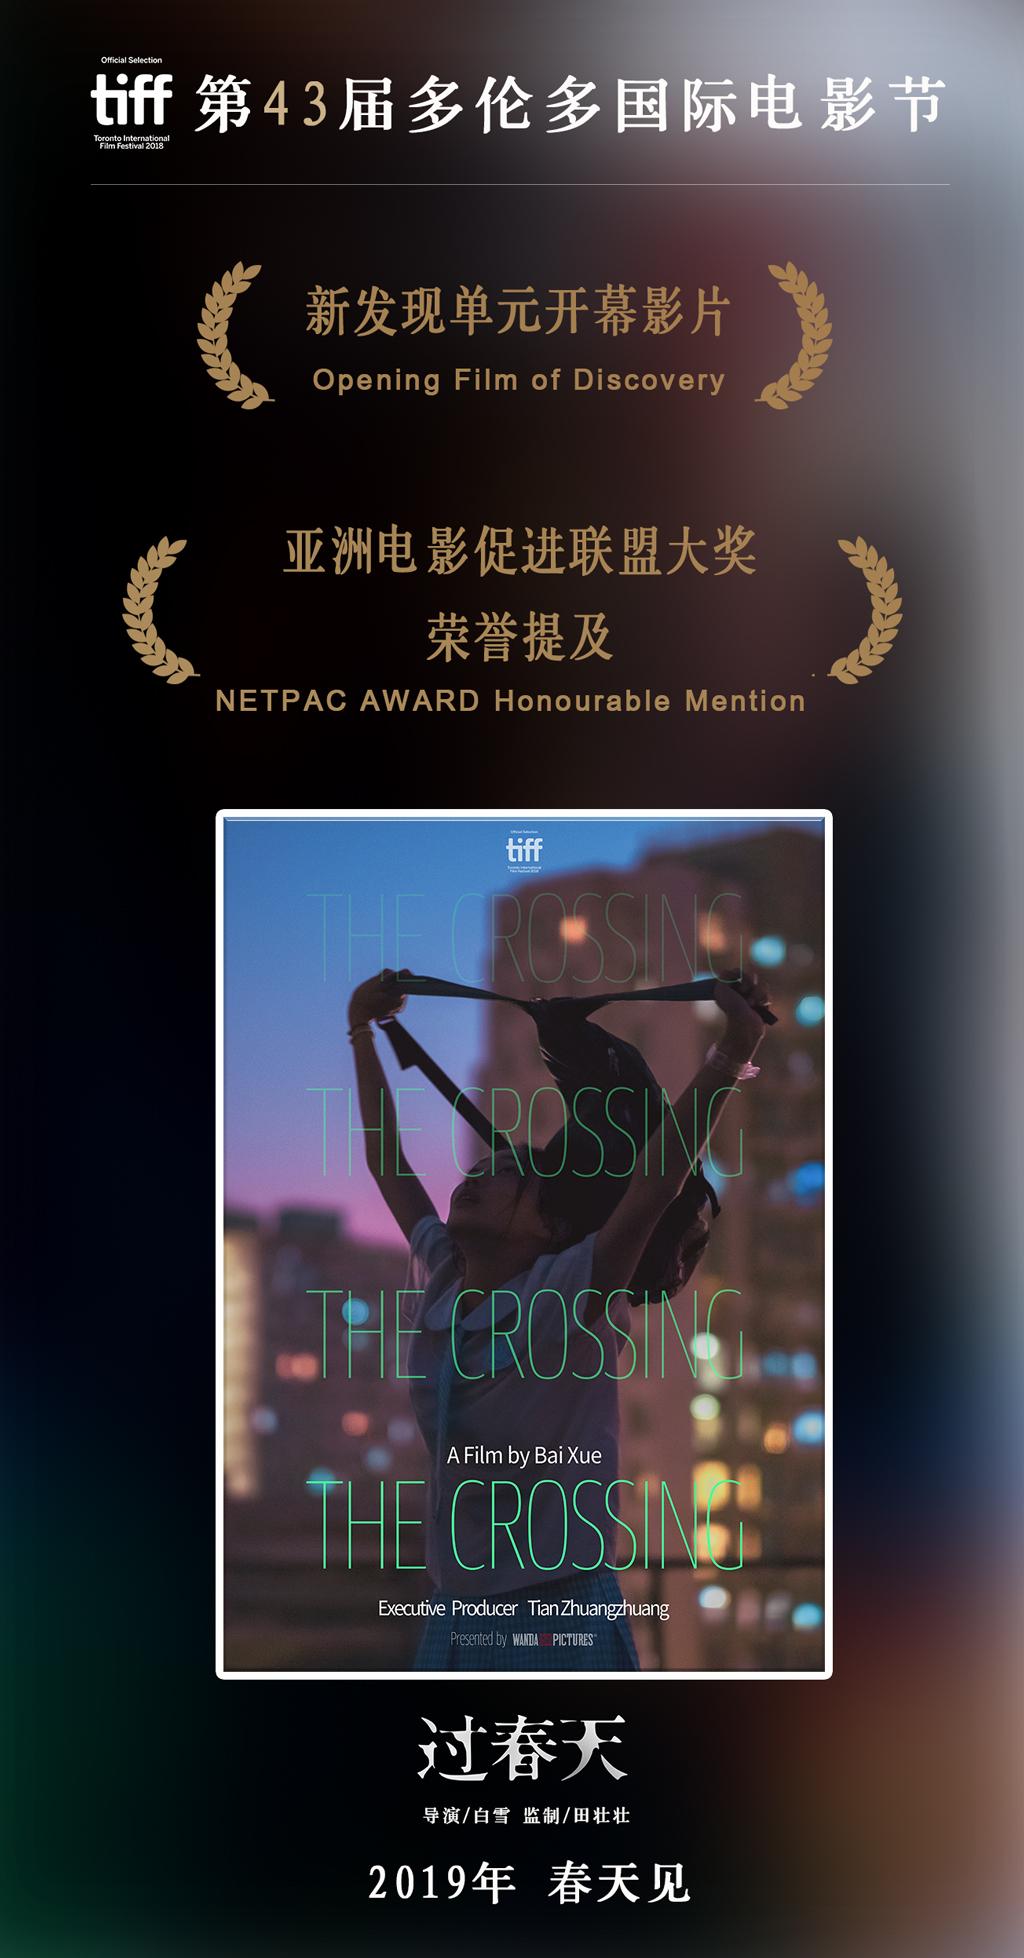 多伦多国际电影节闭幕 《过春天》获大奖荣誉提及